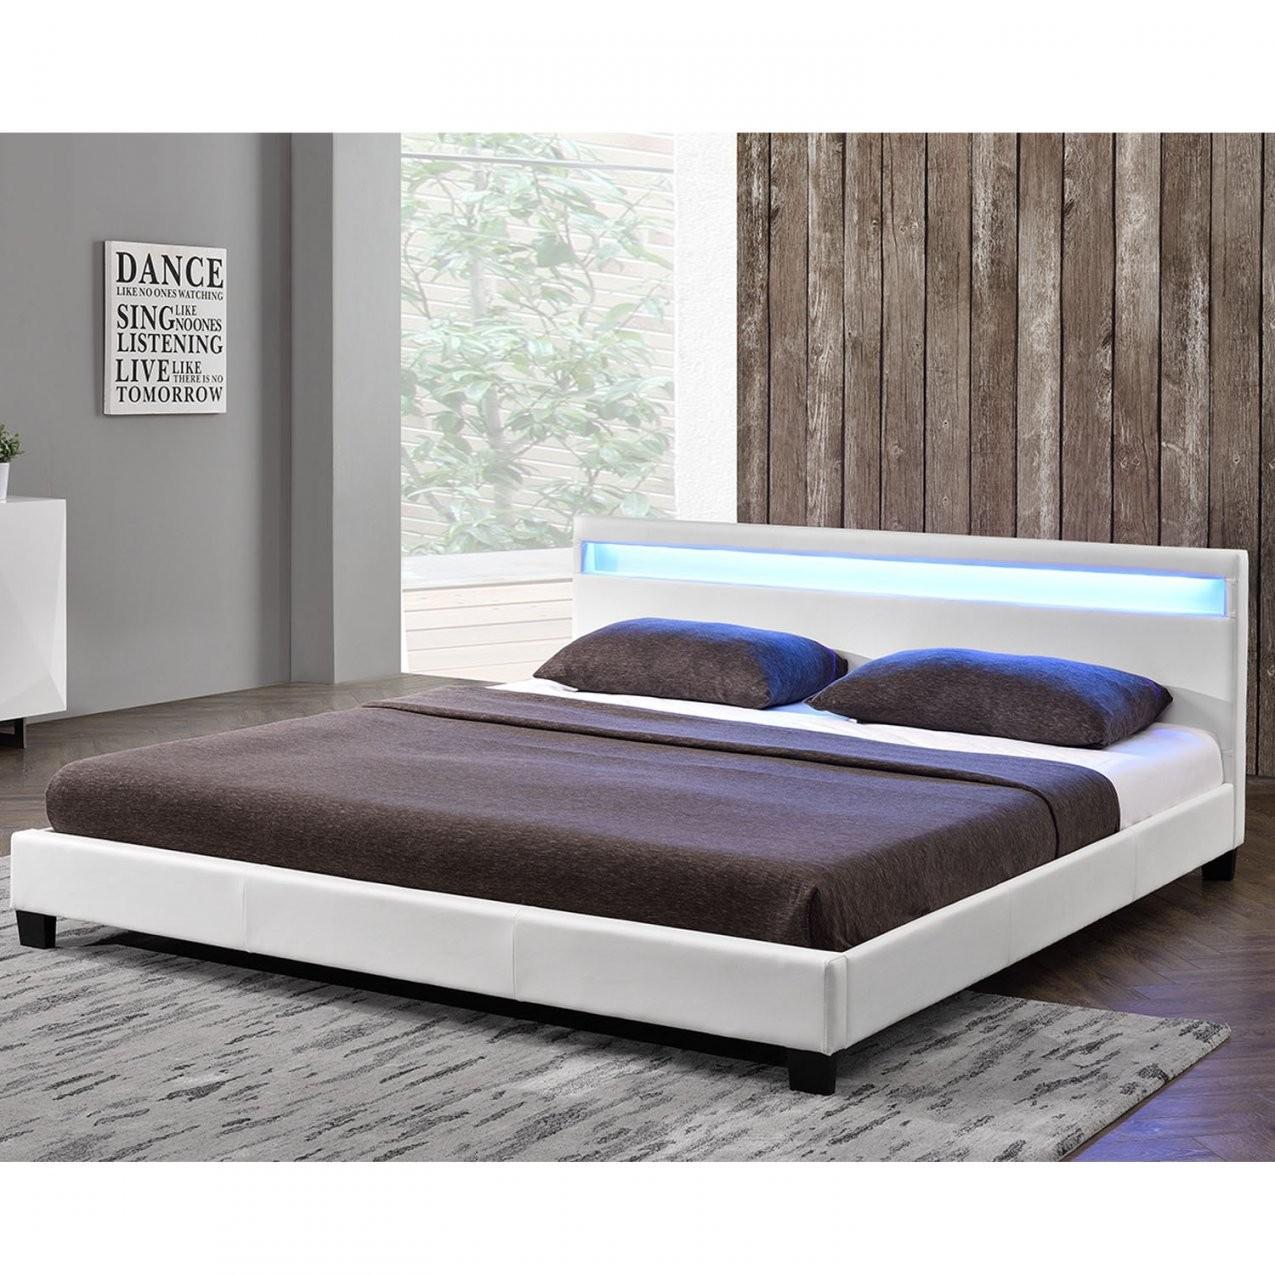 Polsterbetten Günstig Online Kaufen  Real von Betten Günstig Kaufen 140X200 Bild